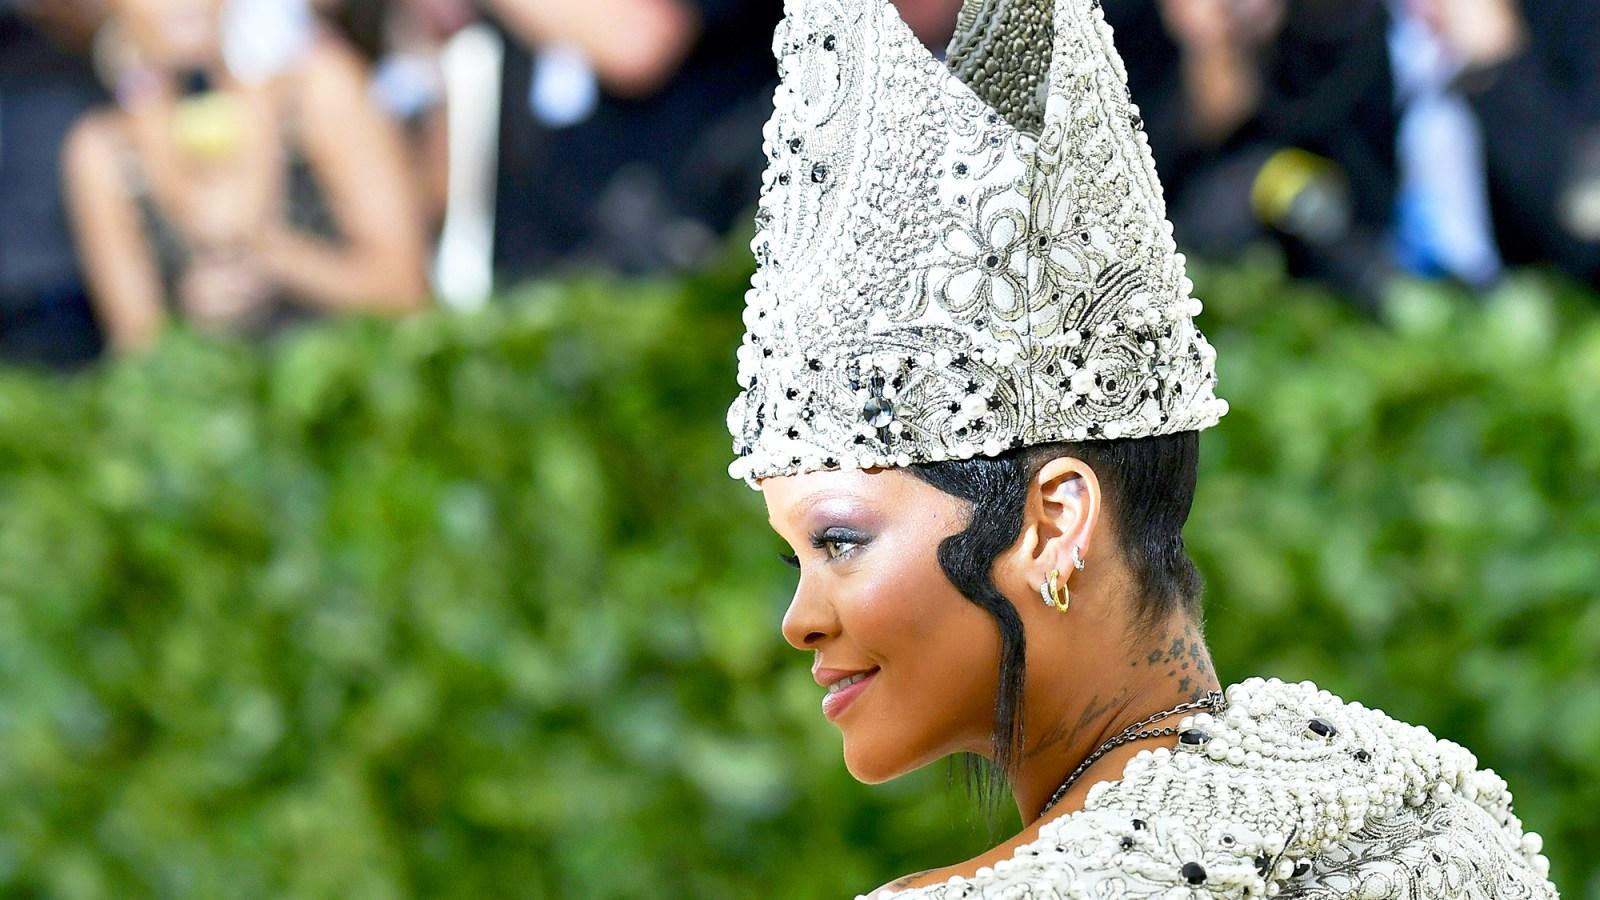 Met gala 2018 hair accessories crowns veils headpieces izmirmasajfo